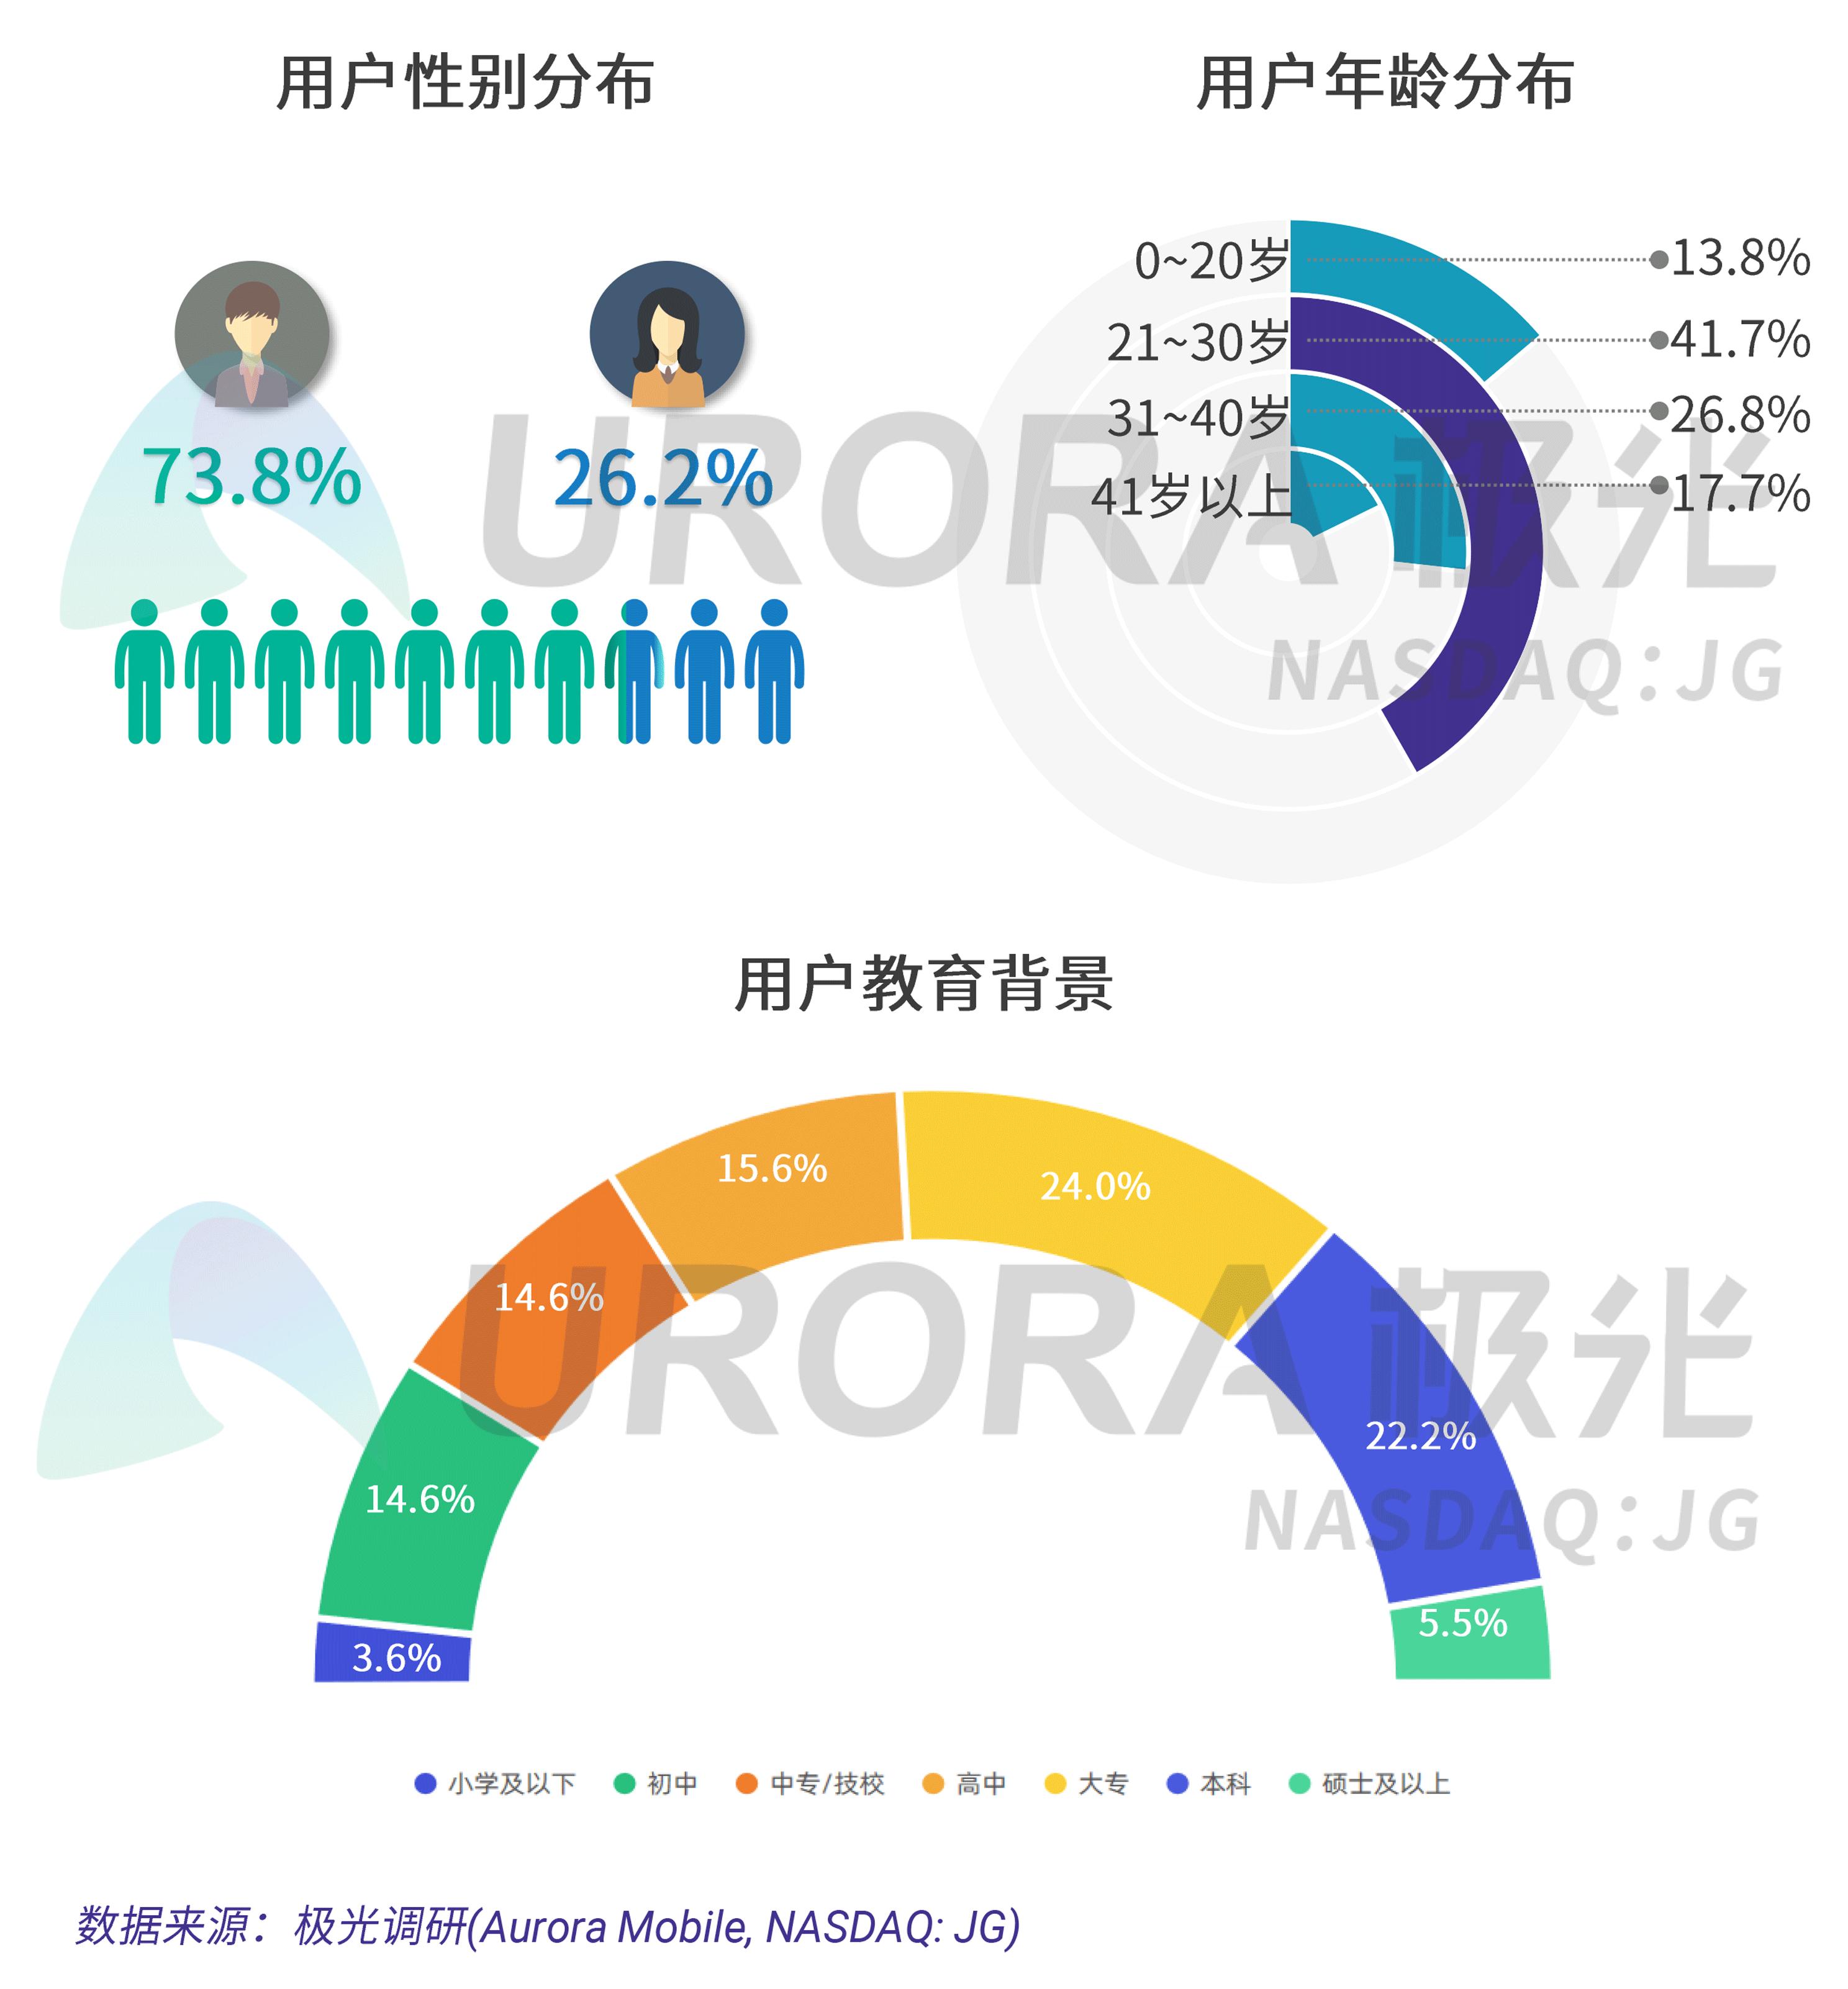 极光:疫情下的汽车直播研究报告 (8).png